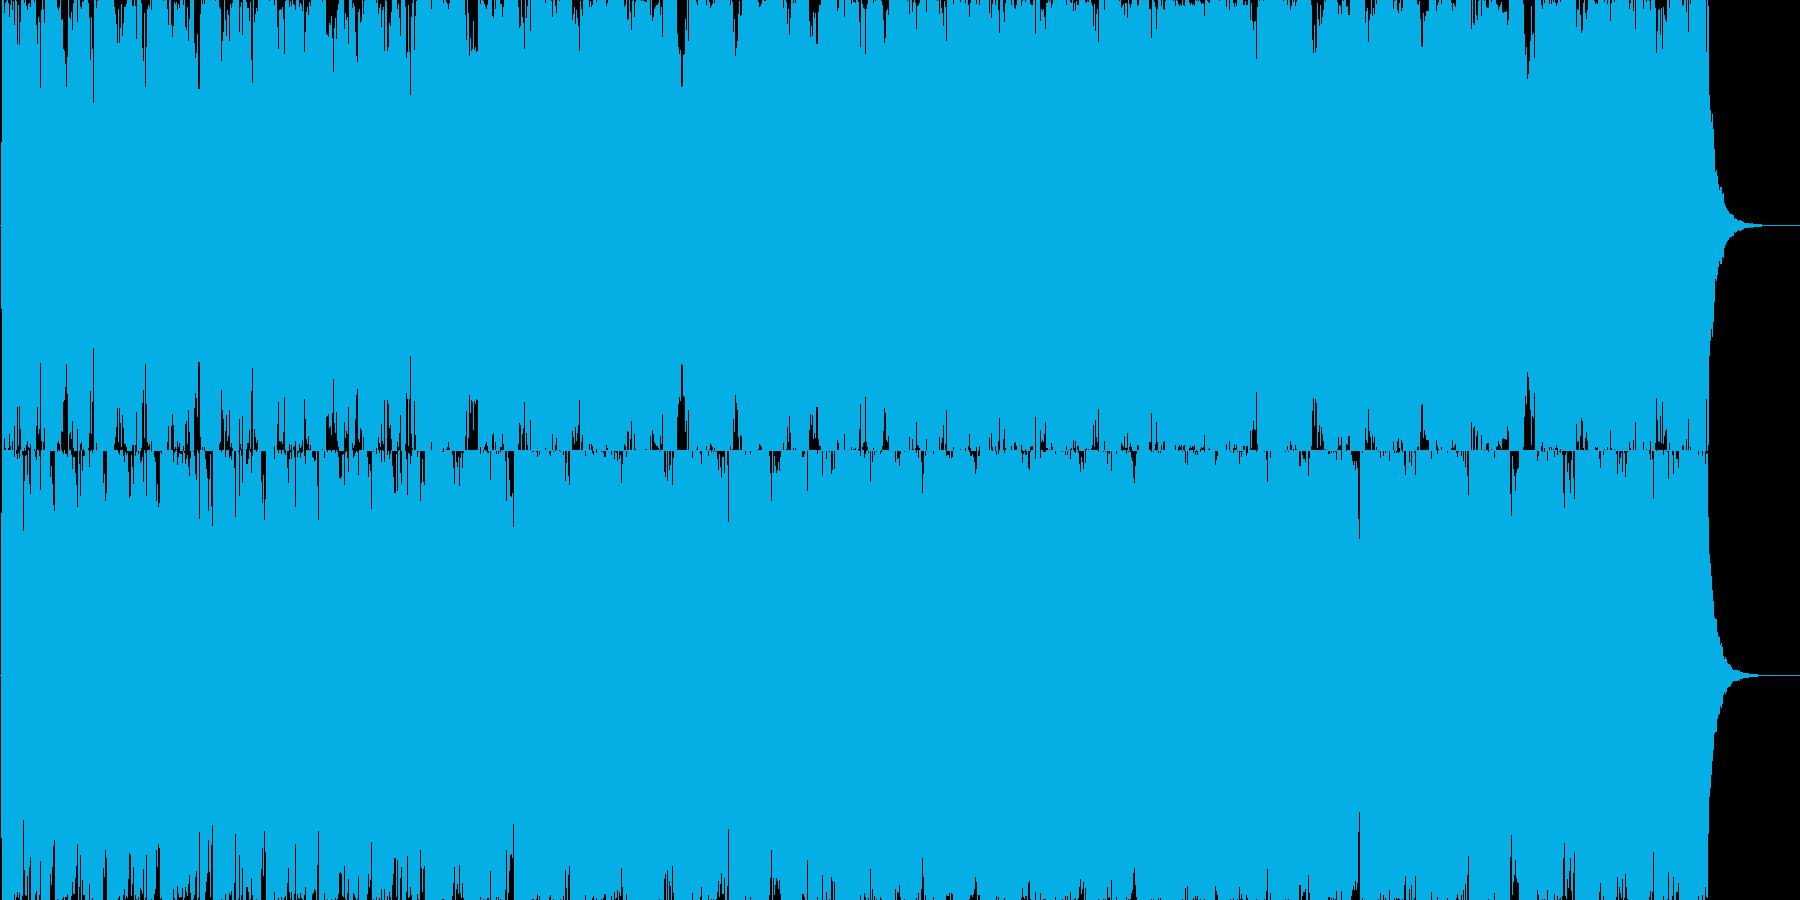 ドラマチックで感動的なポップスの再生済みの波形